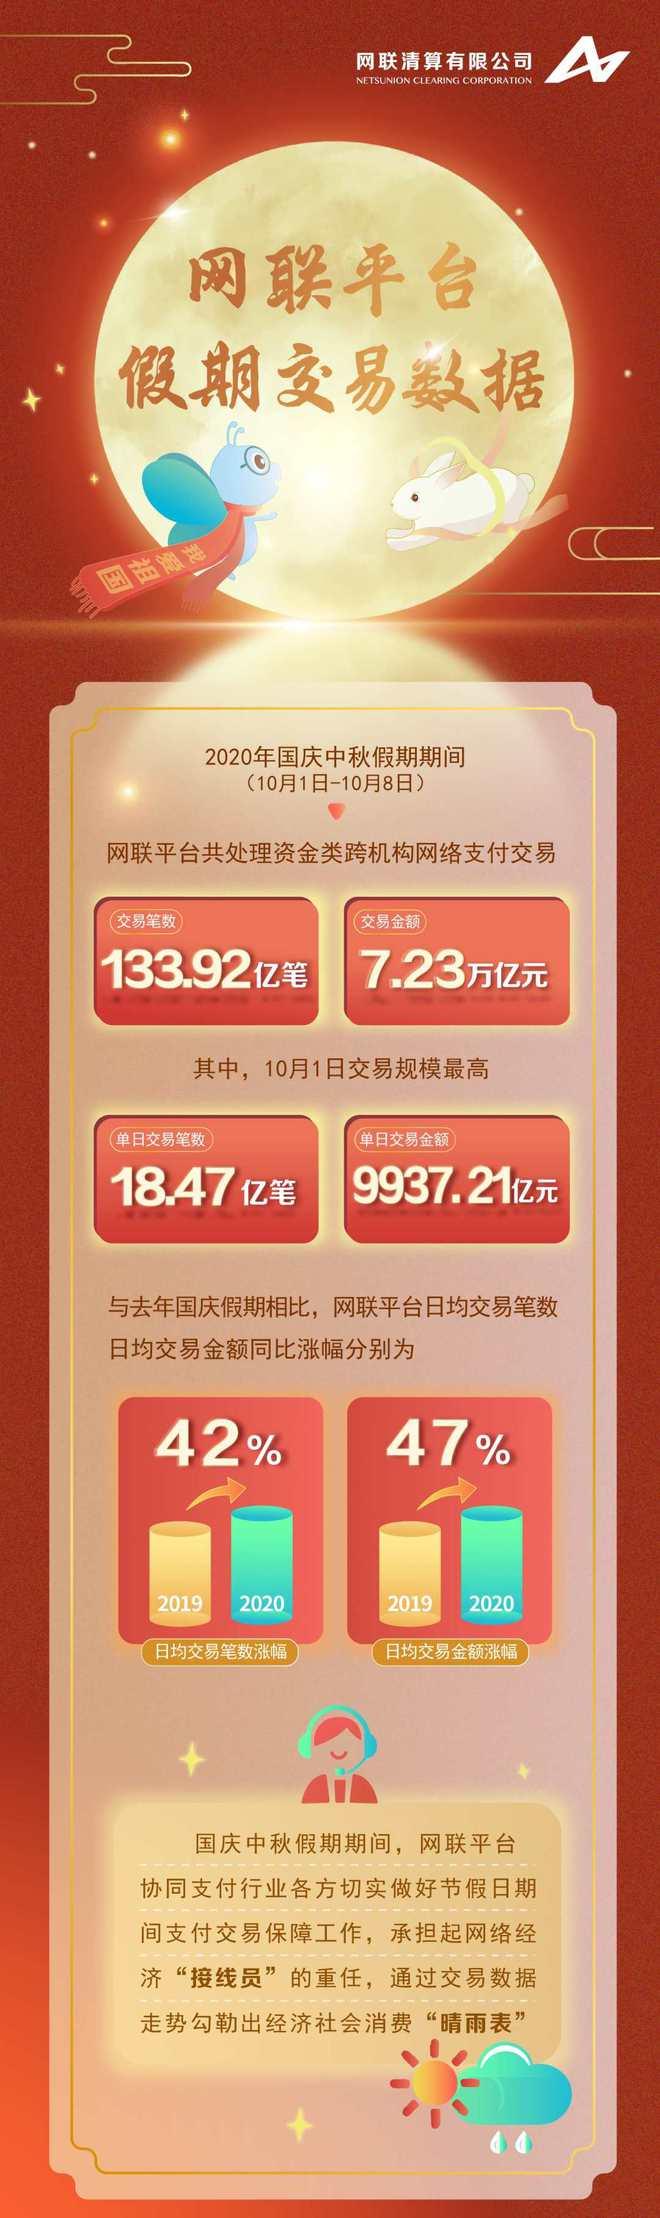 网联:国庆中秋假期处理网络支付交易额7.23万亿元